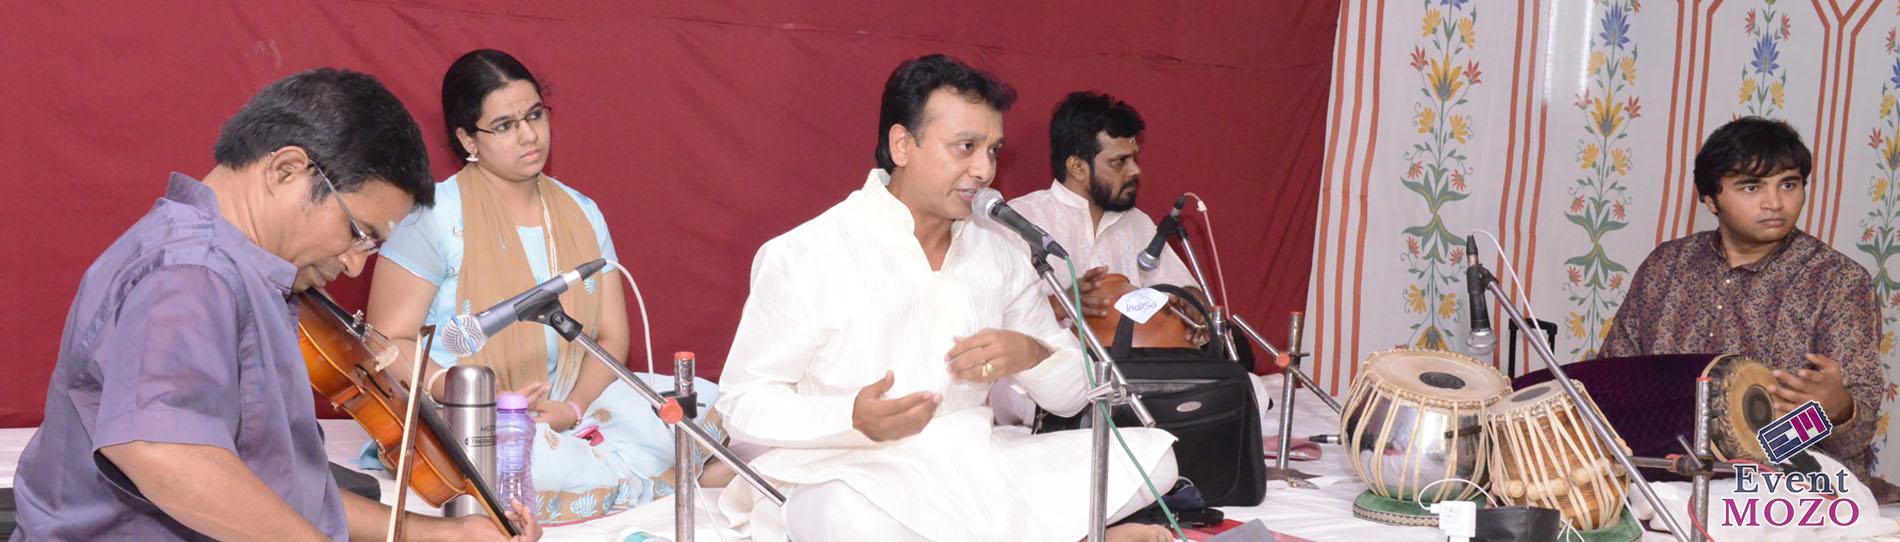 EventMozo Unnikrishnan Concert - Satuday, Aug 11 at Shiva Vishnu Tem....